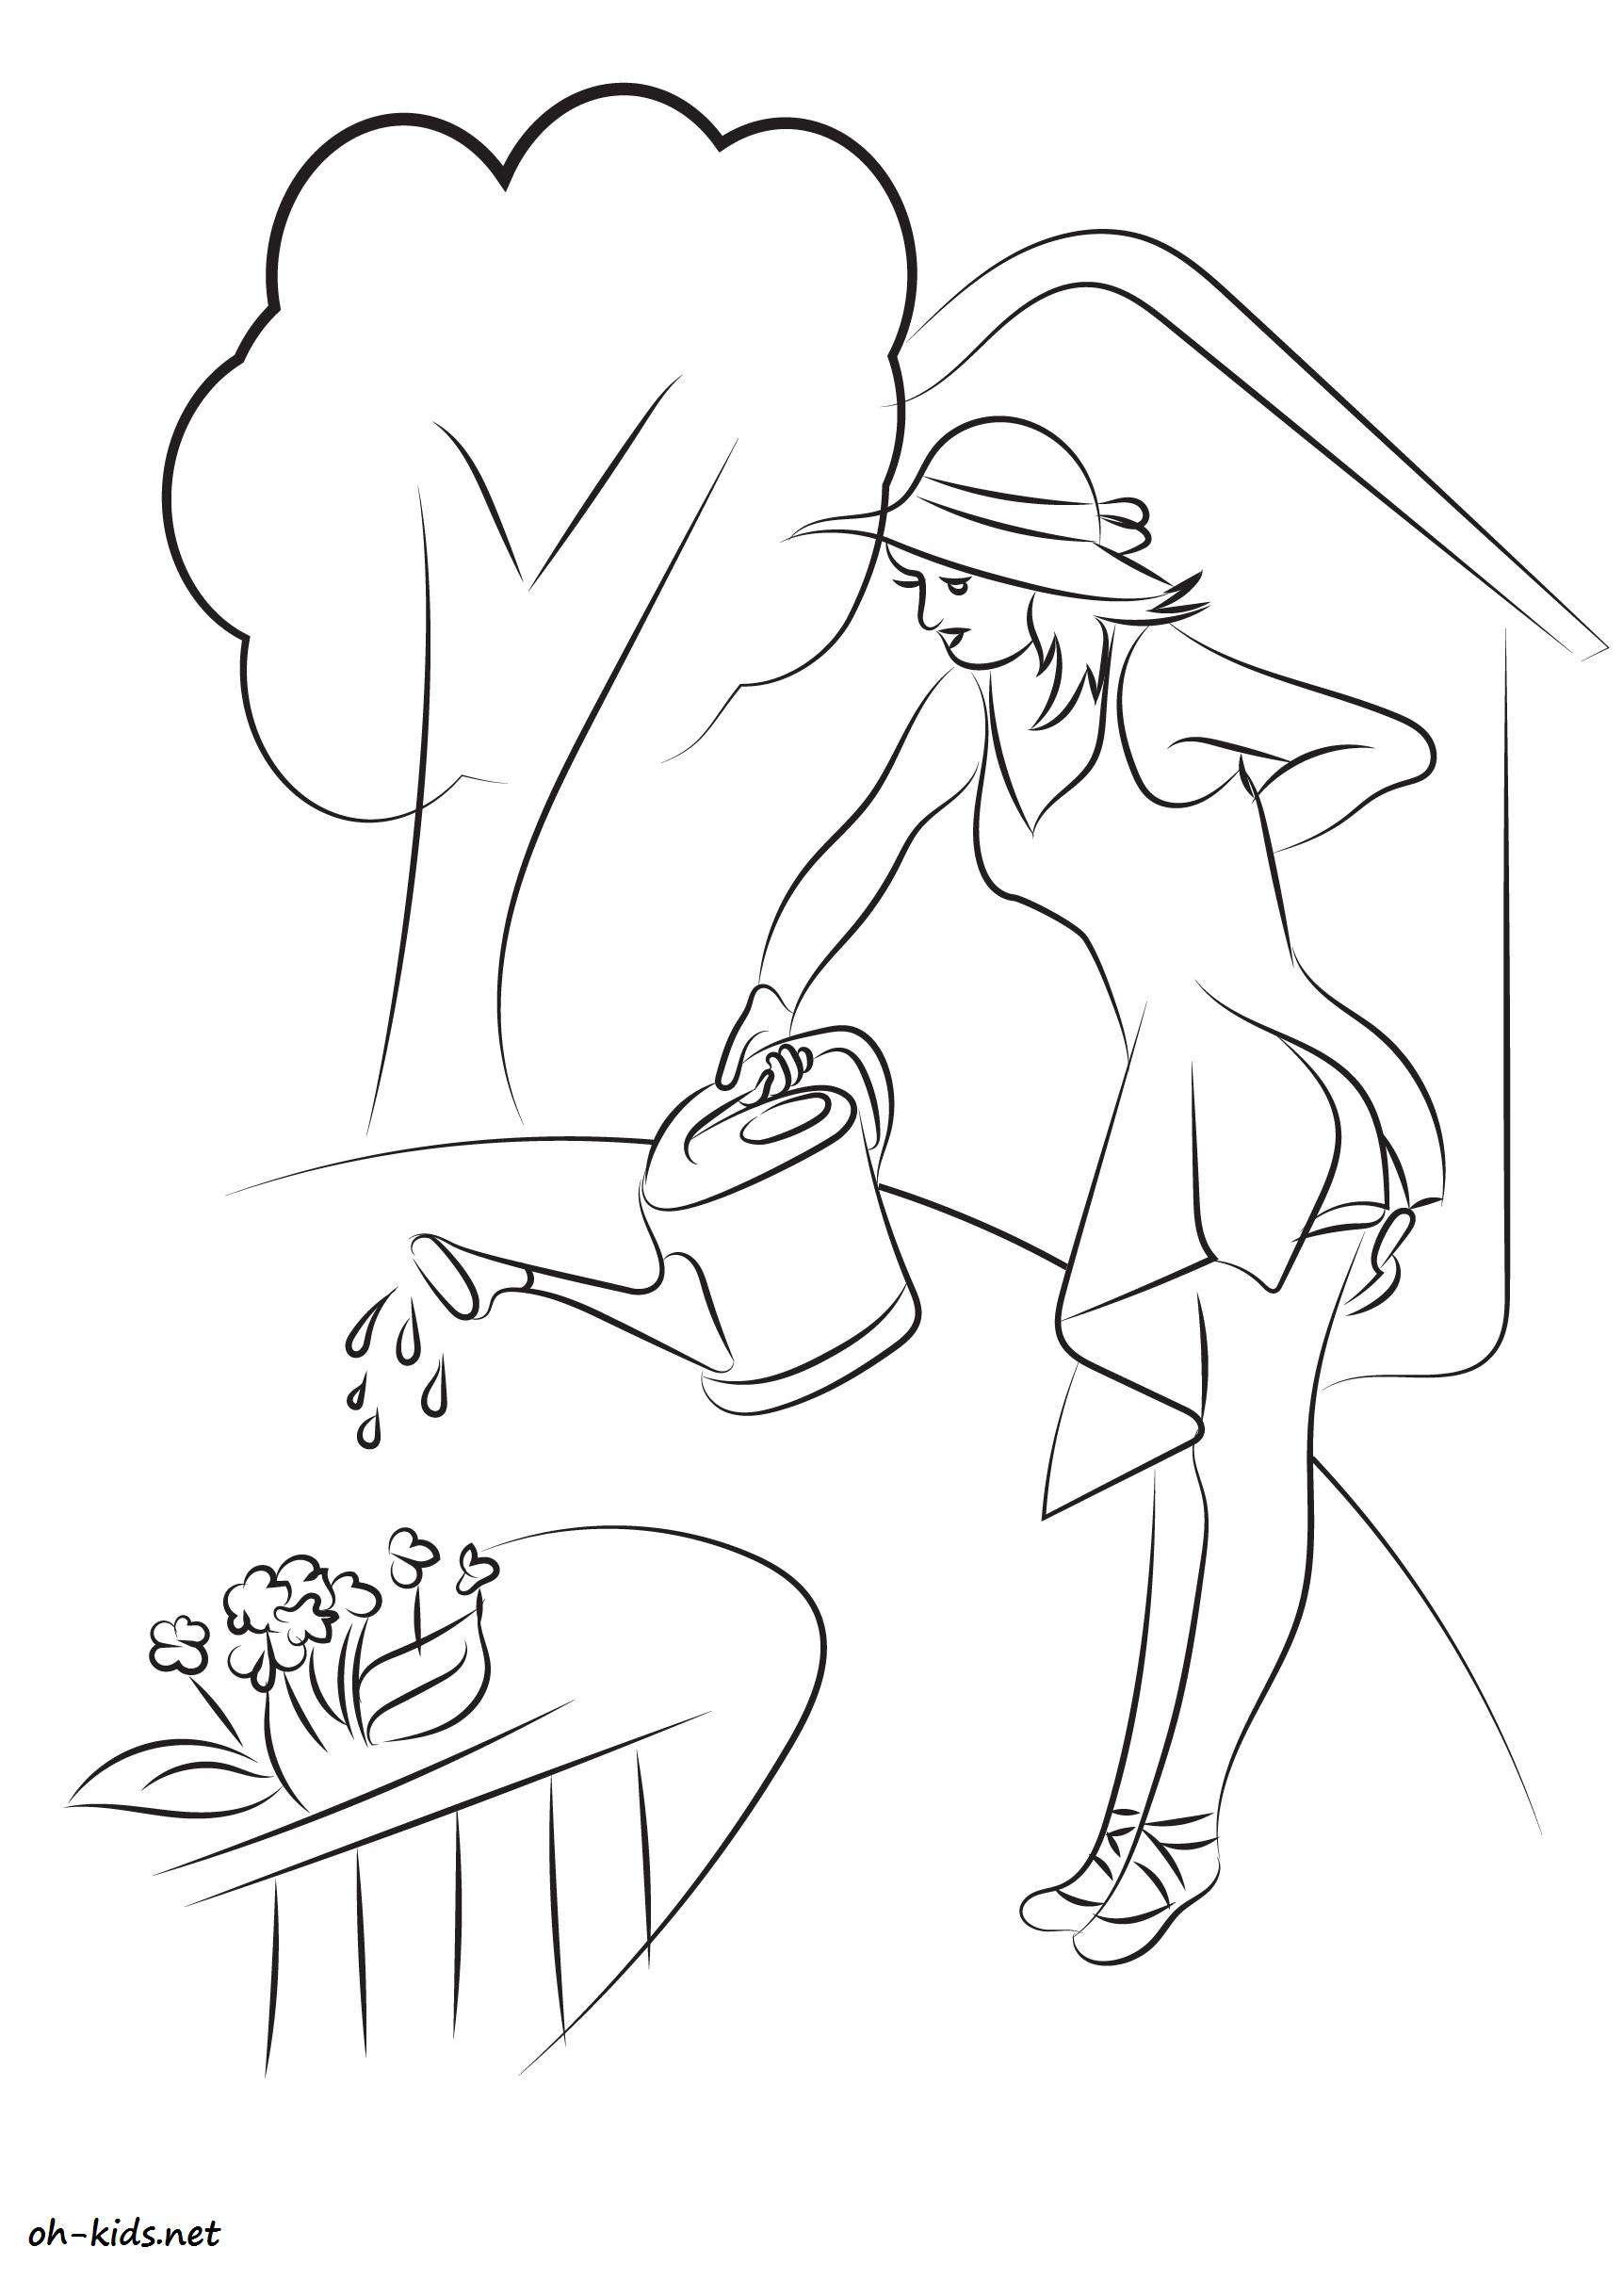 Une belle image de fermier a colorier - Dessin #815